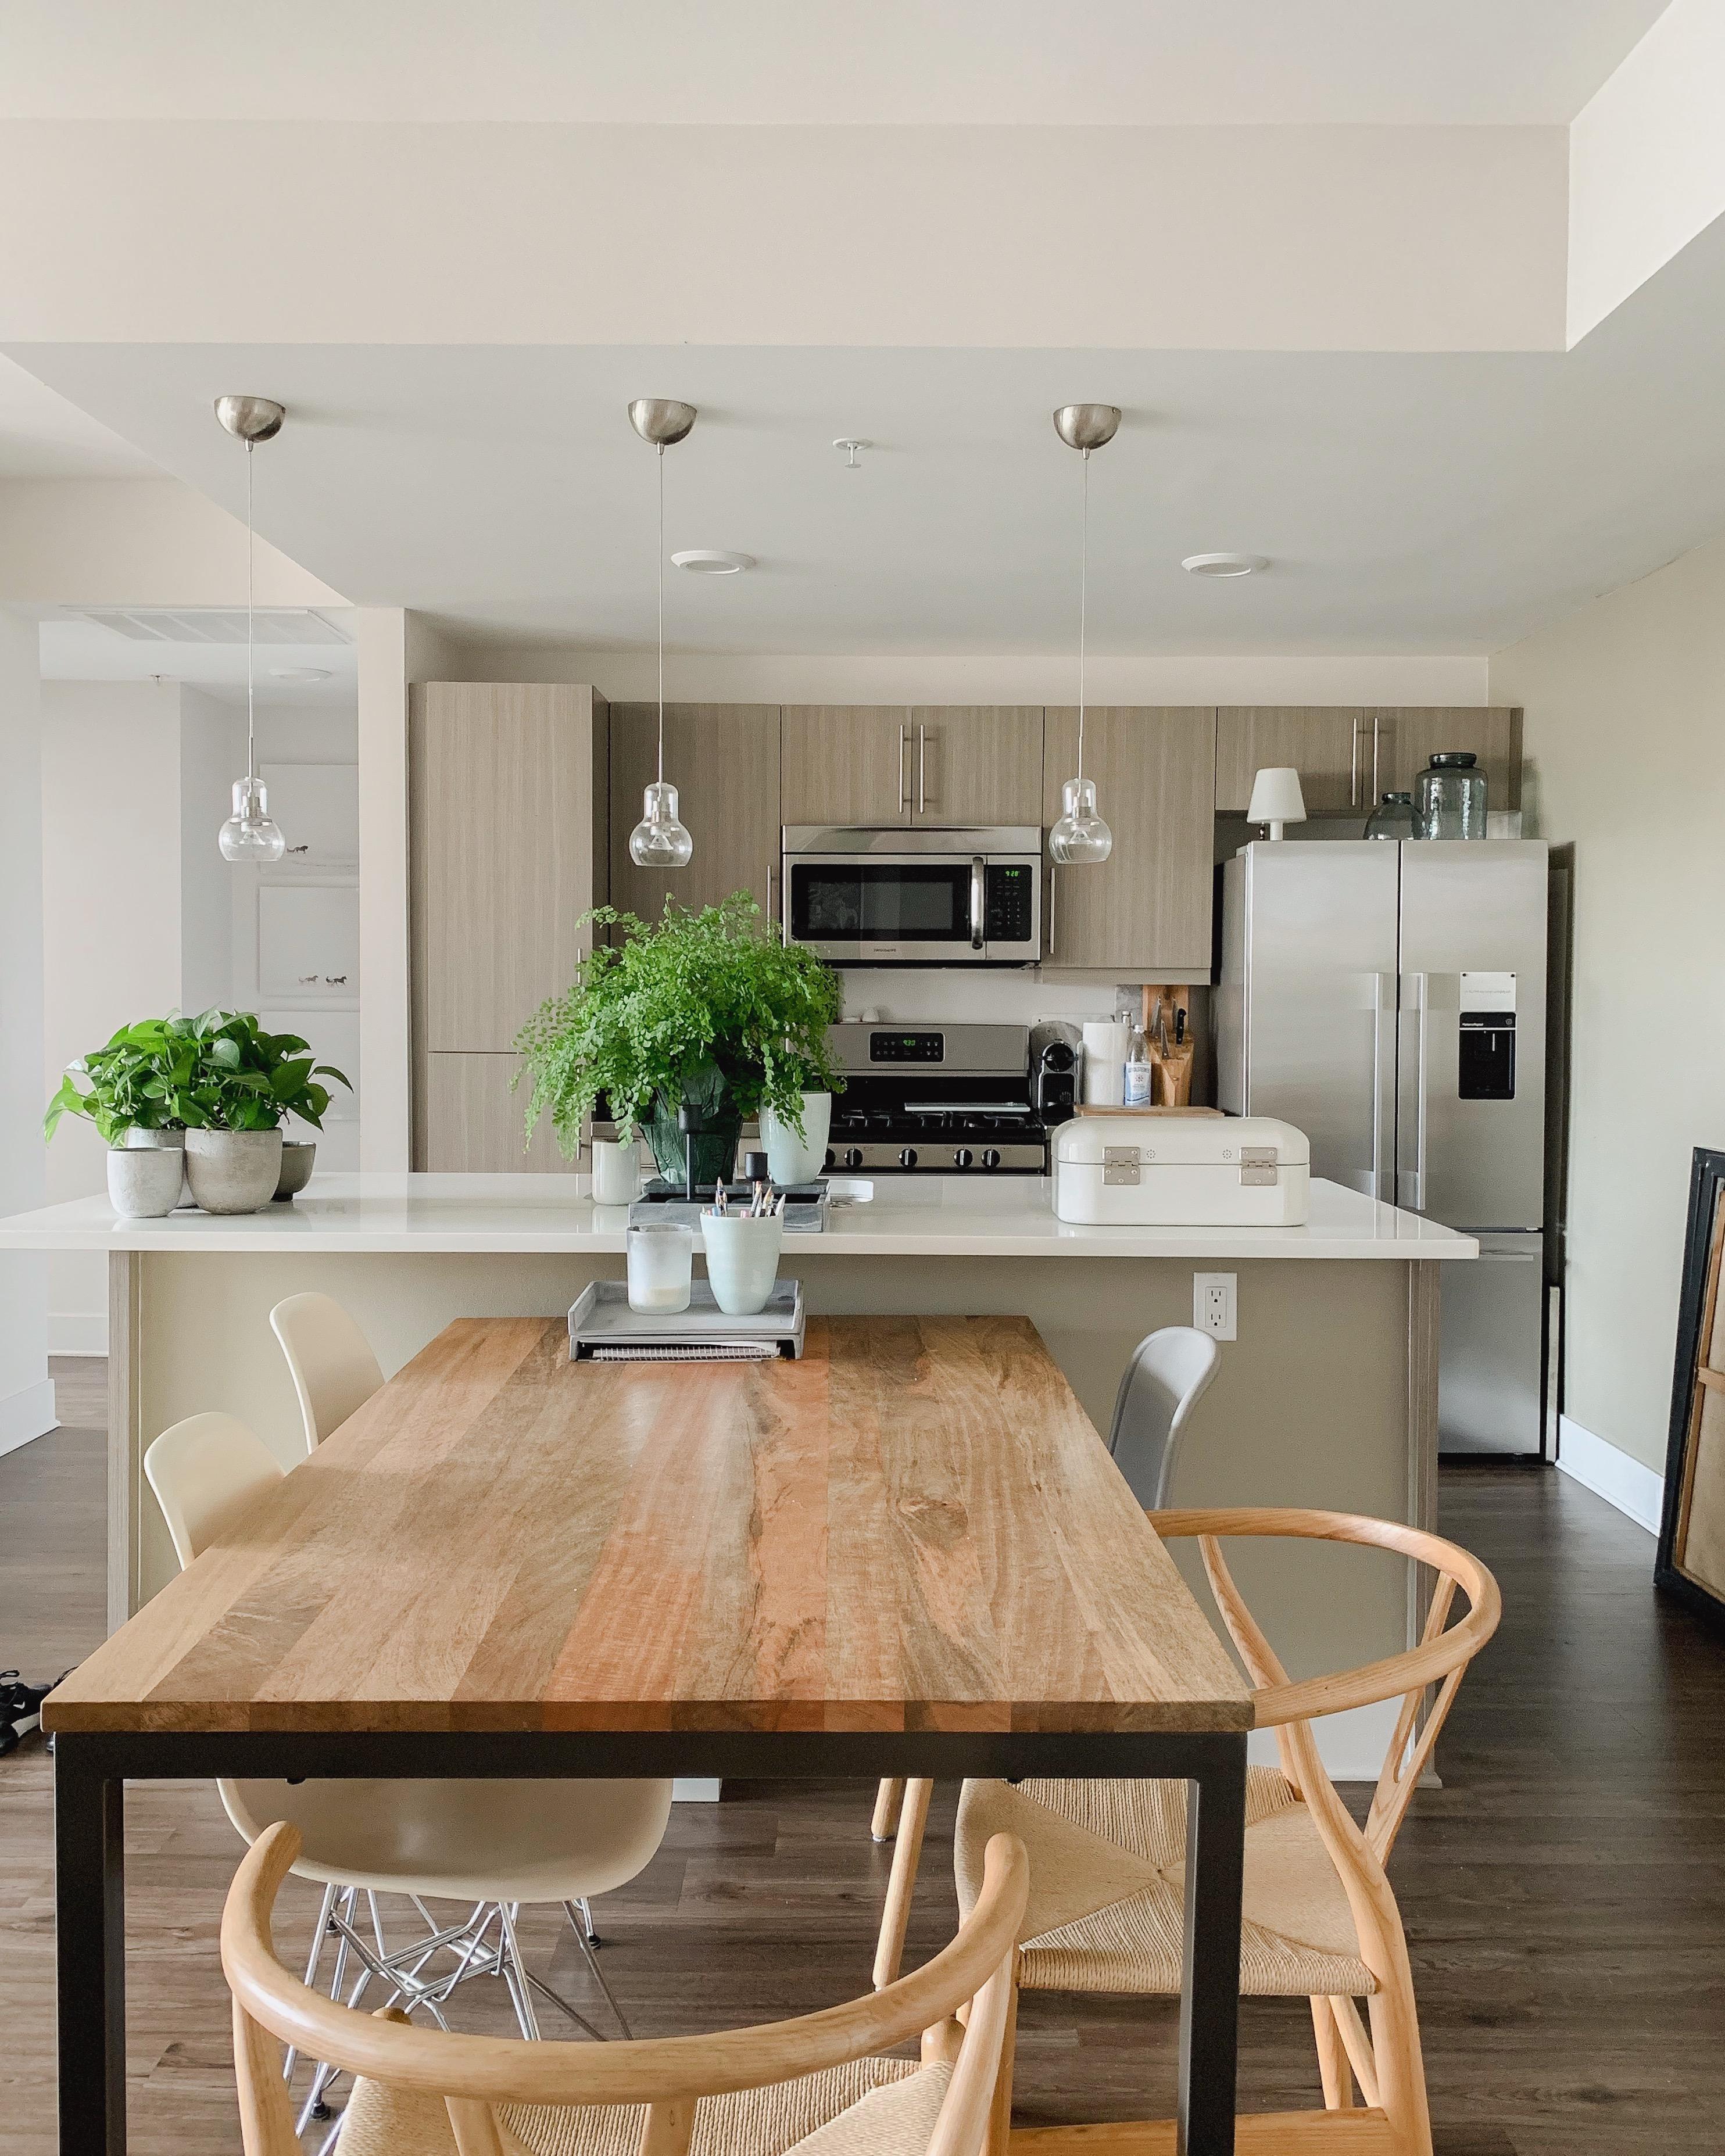 Offene Küche-Ideen: So schön können Wohnküchen sein!